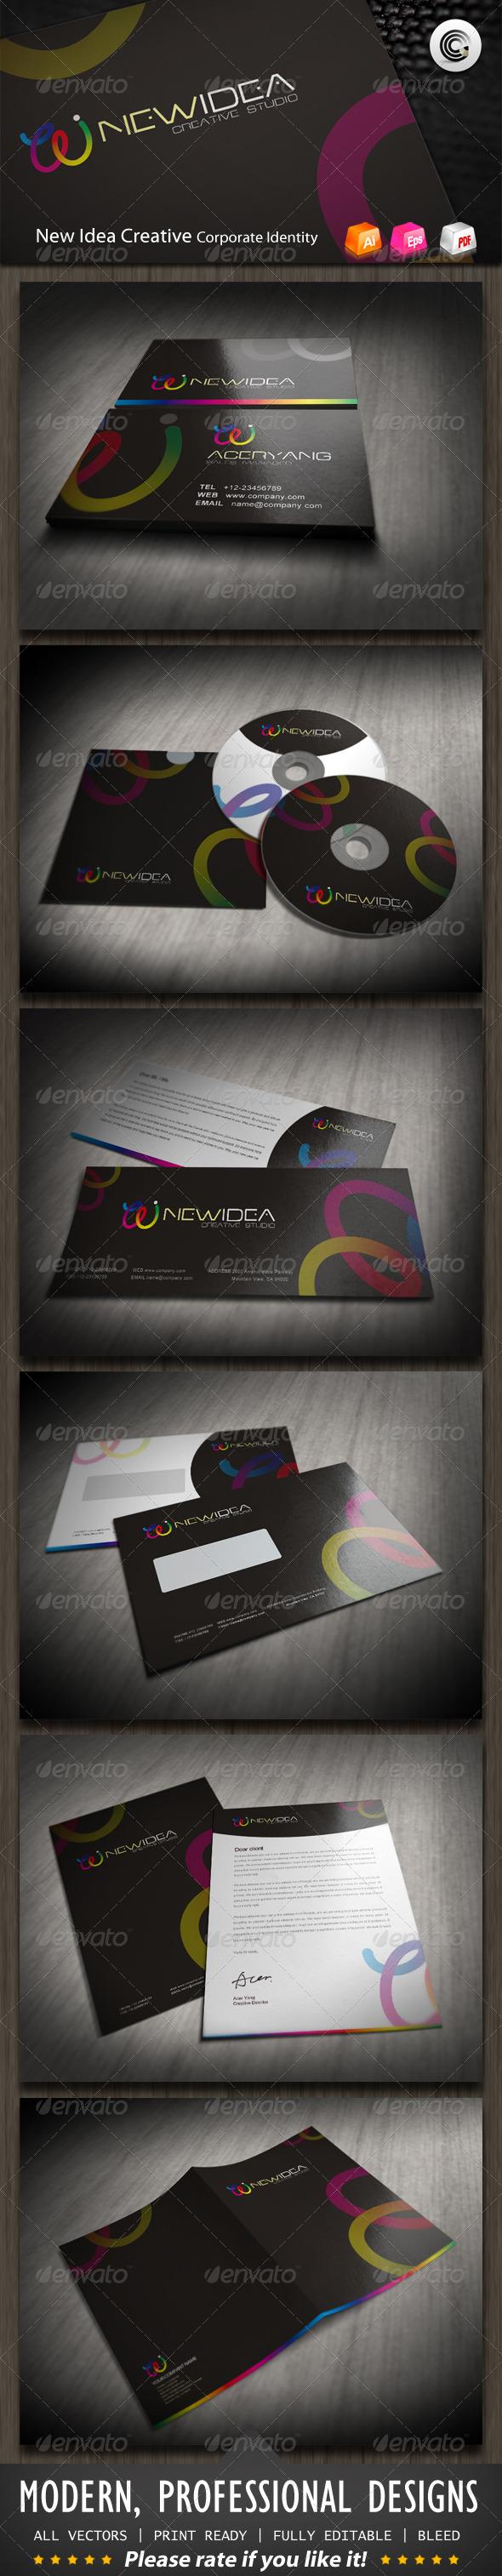 New Idea Creative Studio Corporate Identity